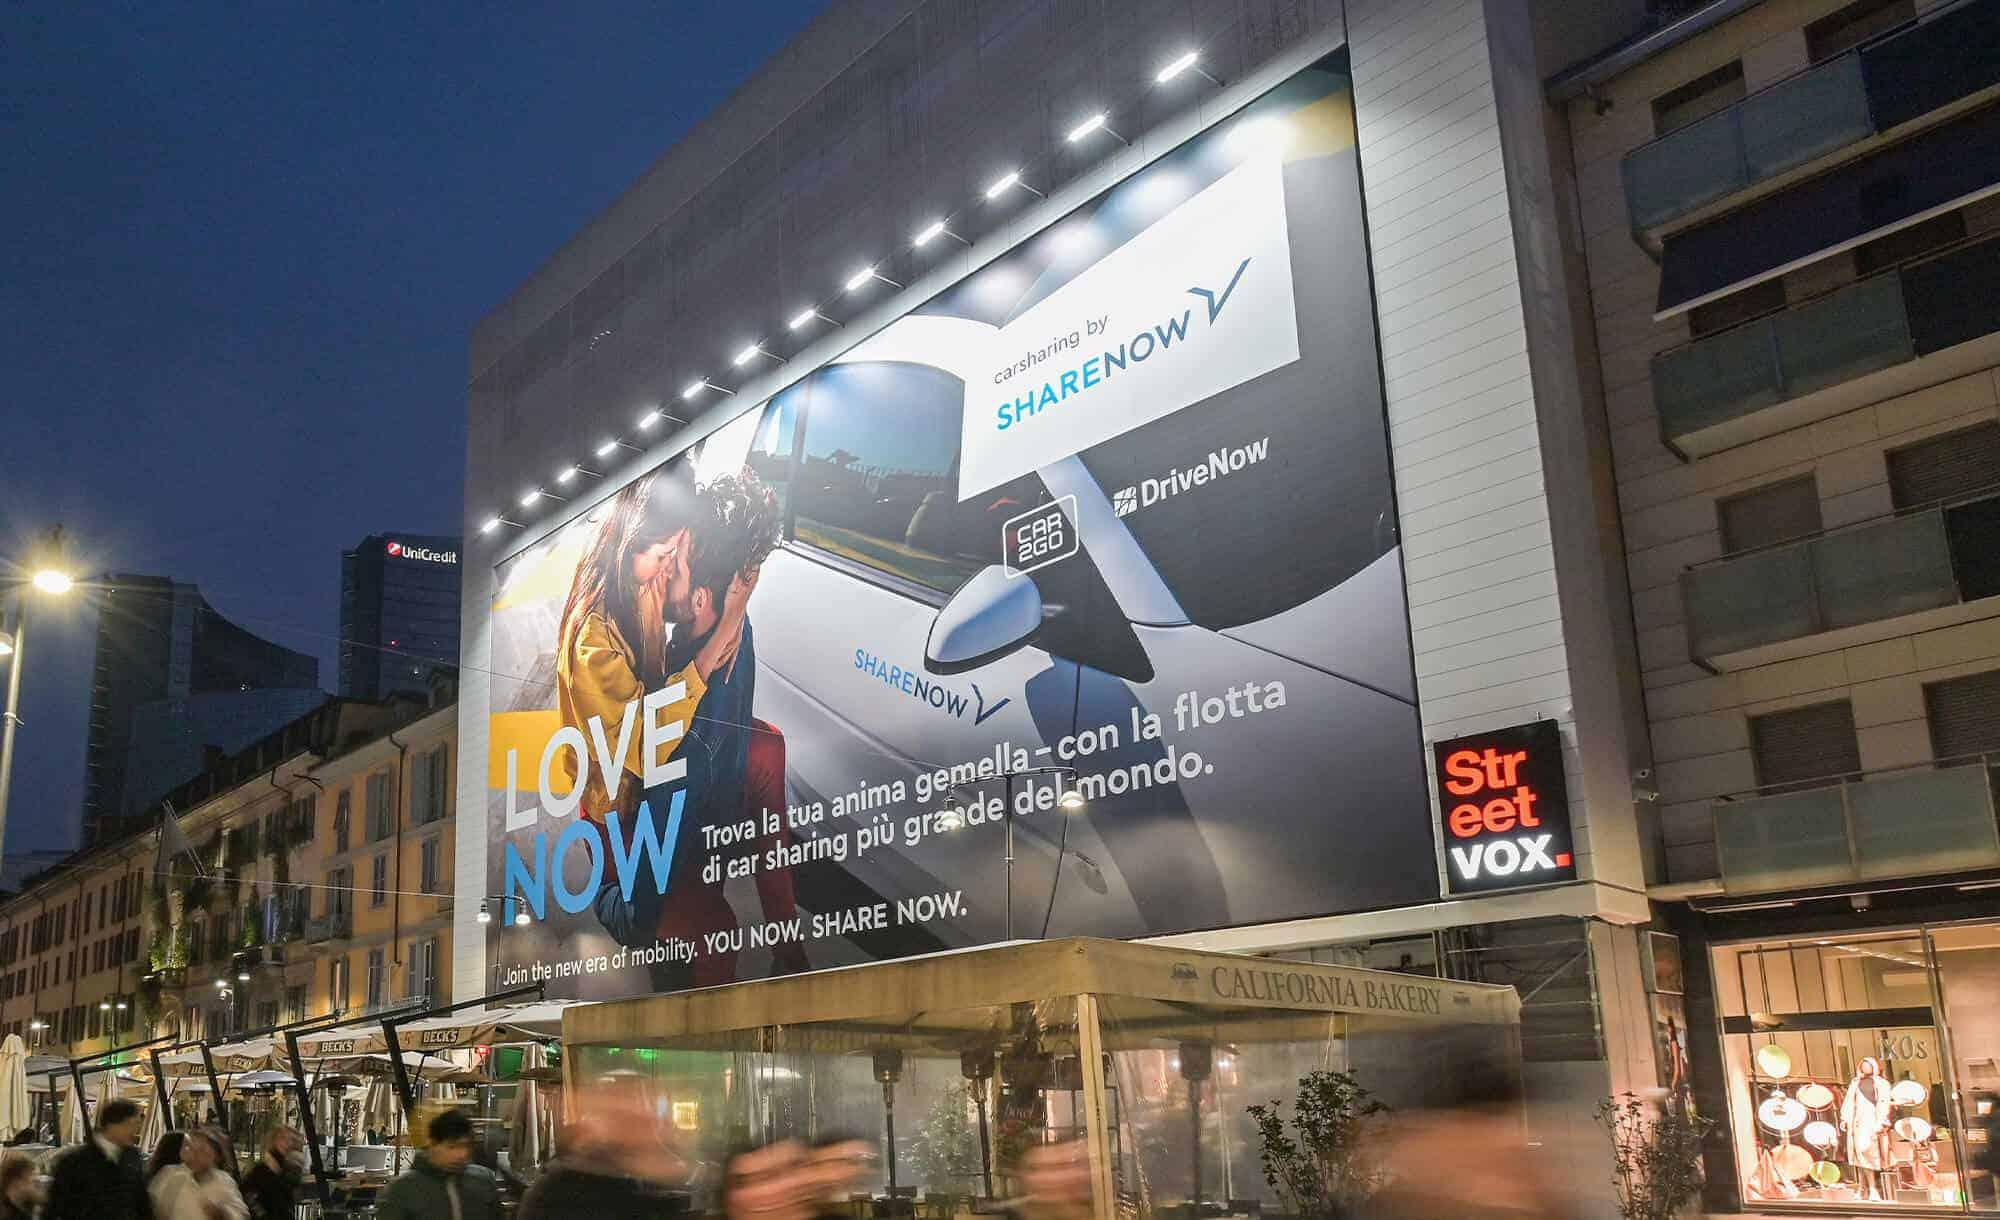 Maxi Affissione Streetvox in Corso Como 6 a Milano con ShareNow (Leisure)